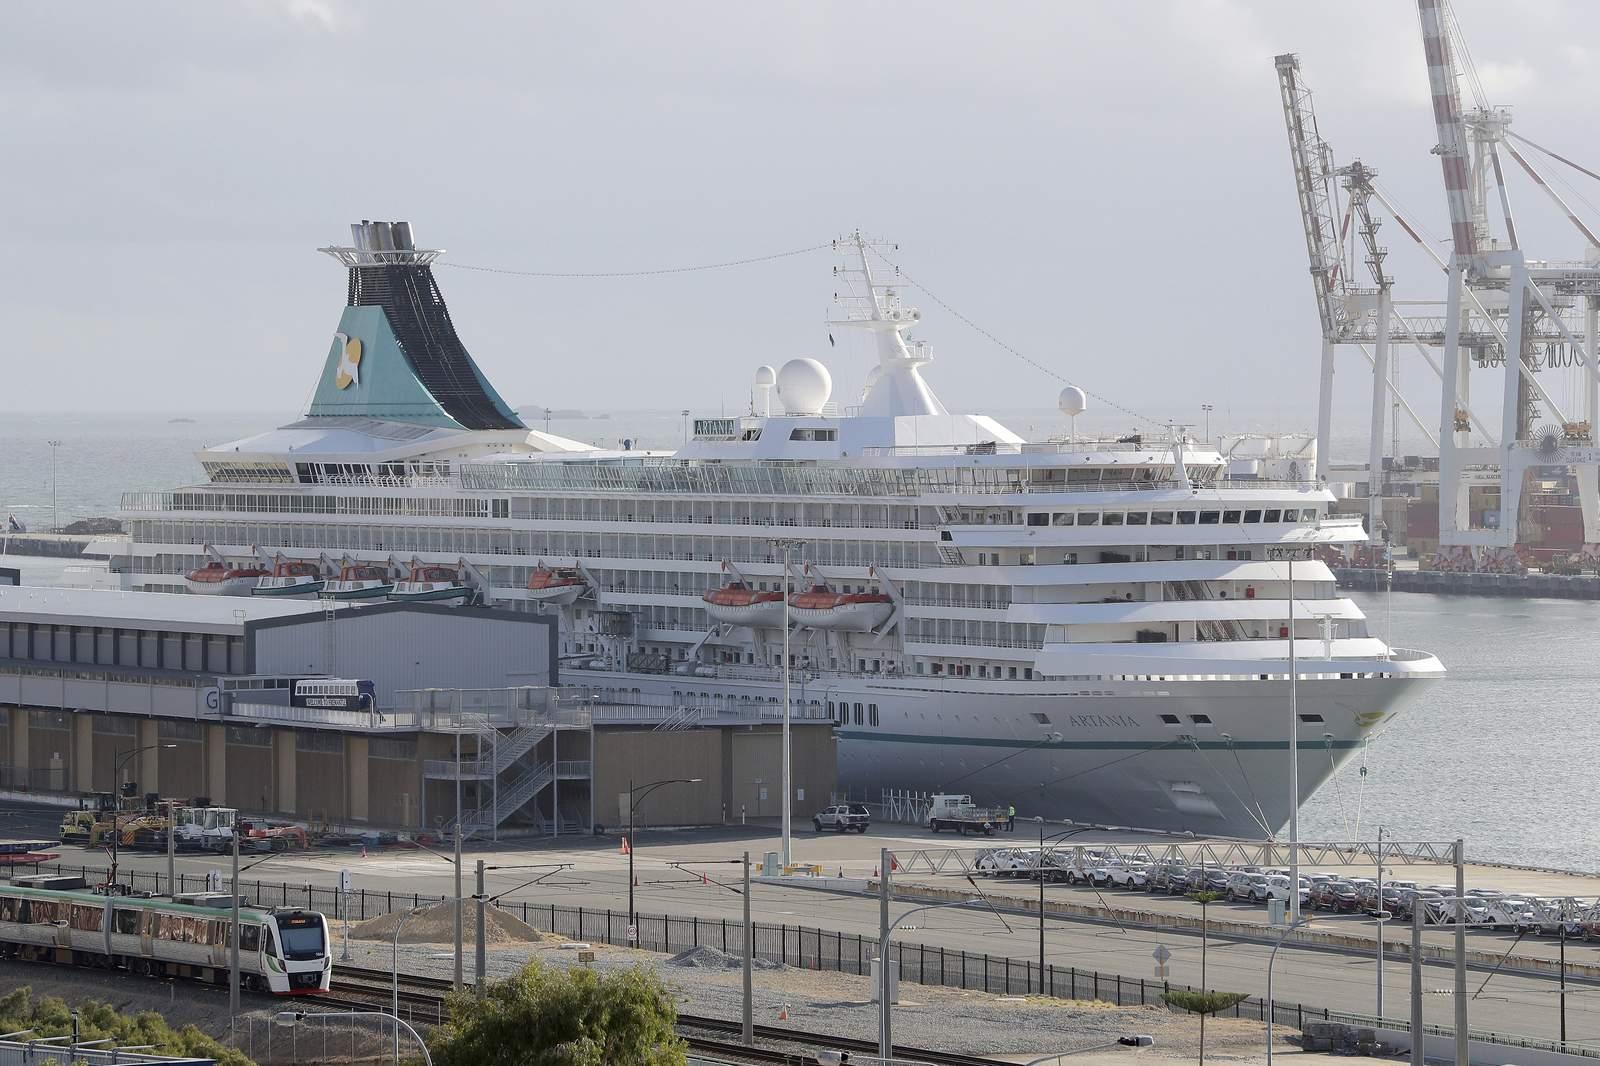 Australia se prepara para volar pasajeros de cruceros a Alemania 43